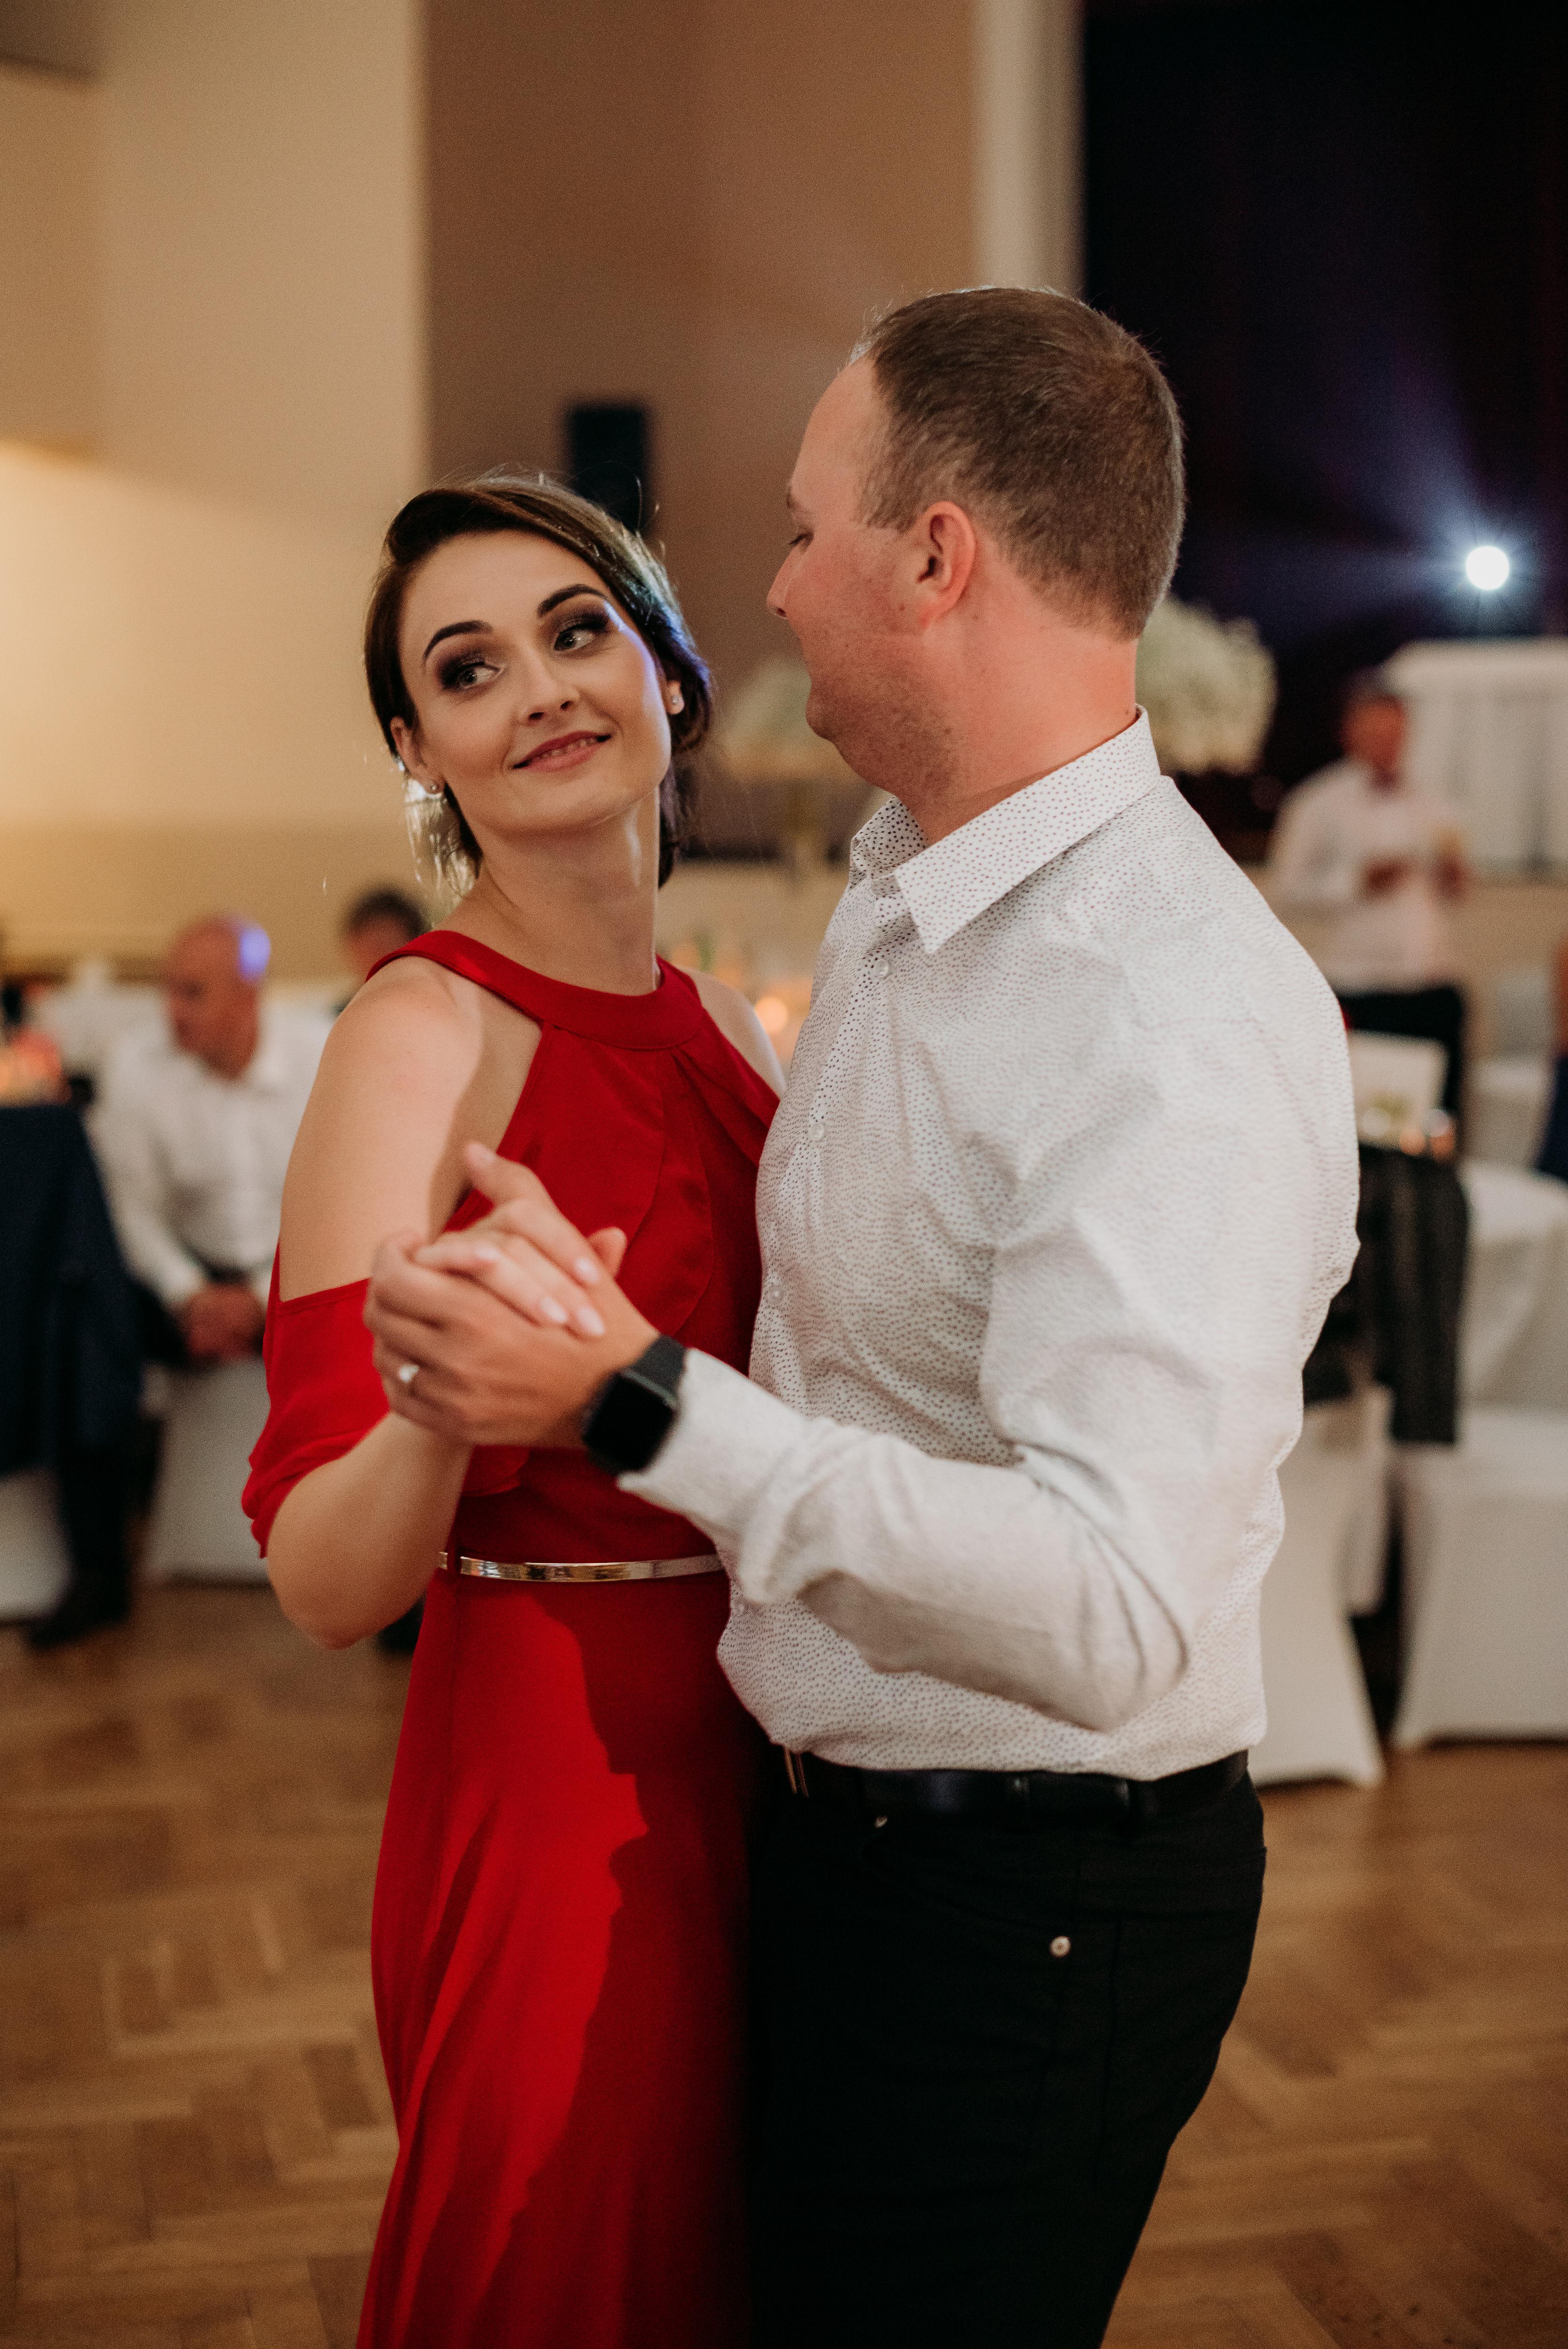 Svadba Výčapy-Opatovce, Svadba Kultúrny Dom 05 #svadobnyDJ, #djanasvadbu, #svadba, #VycapyOpatovce #DJAnavi